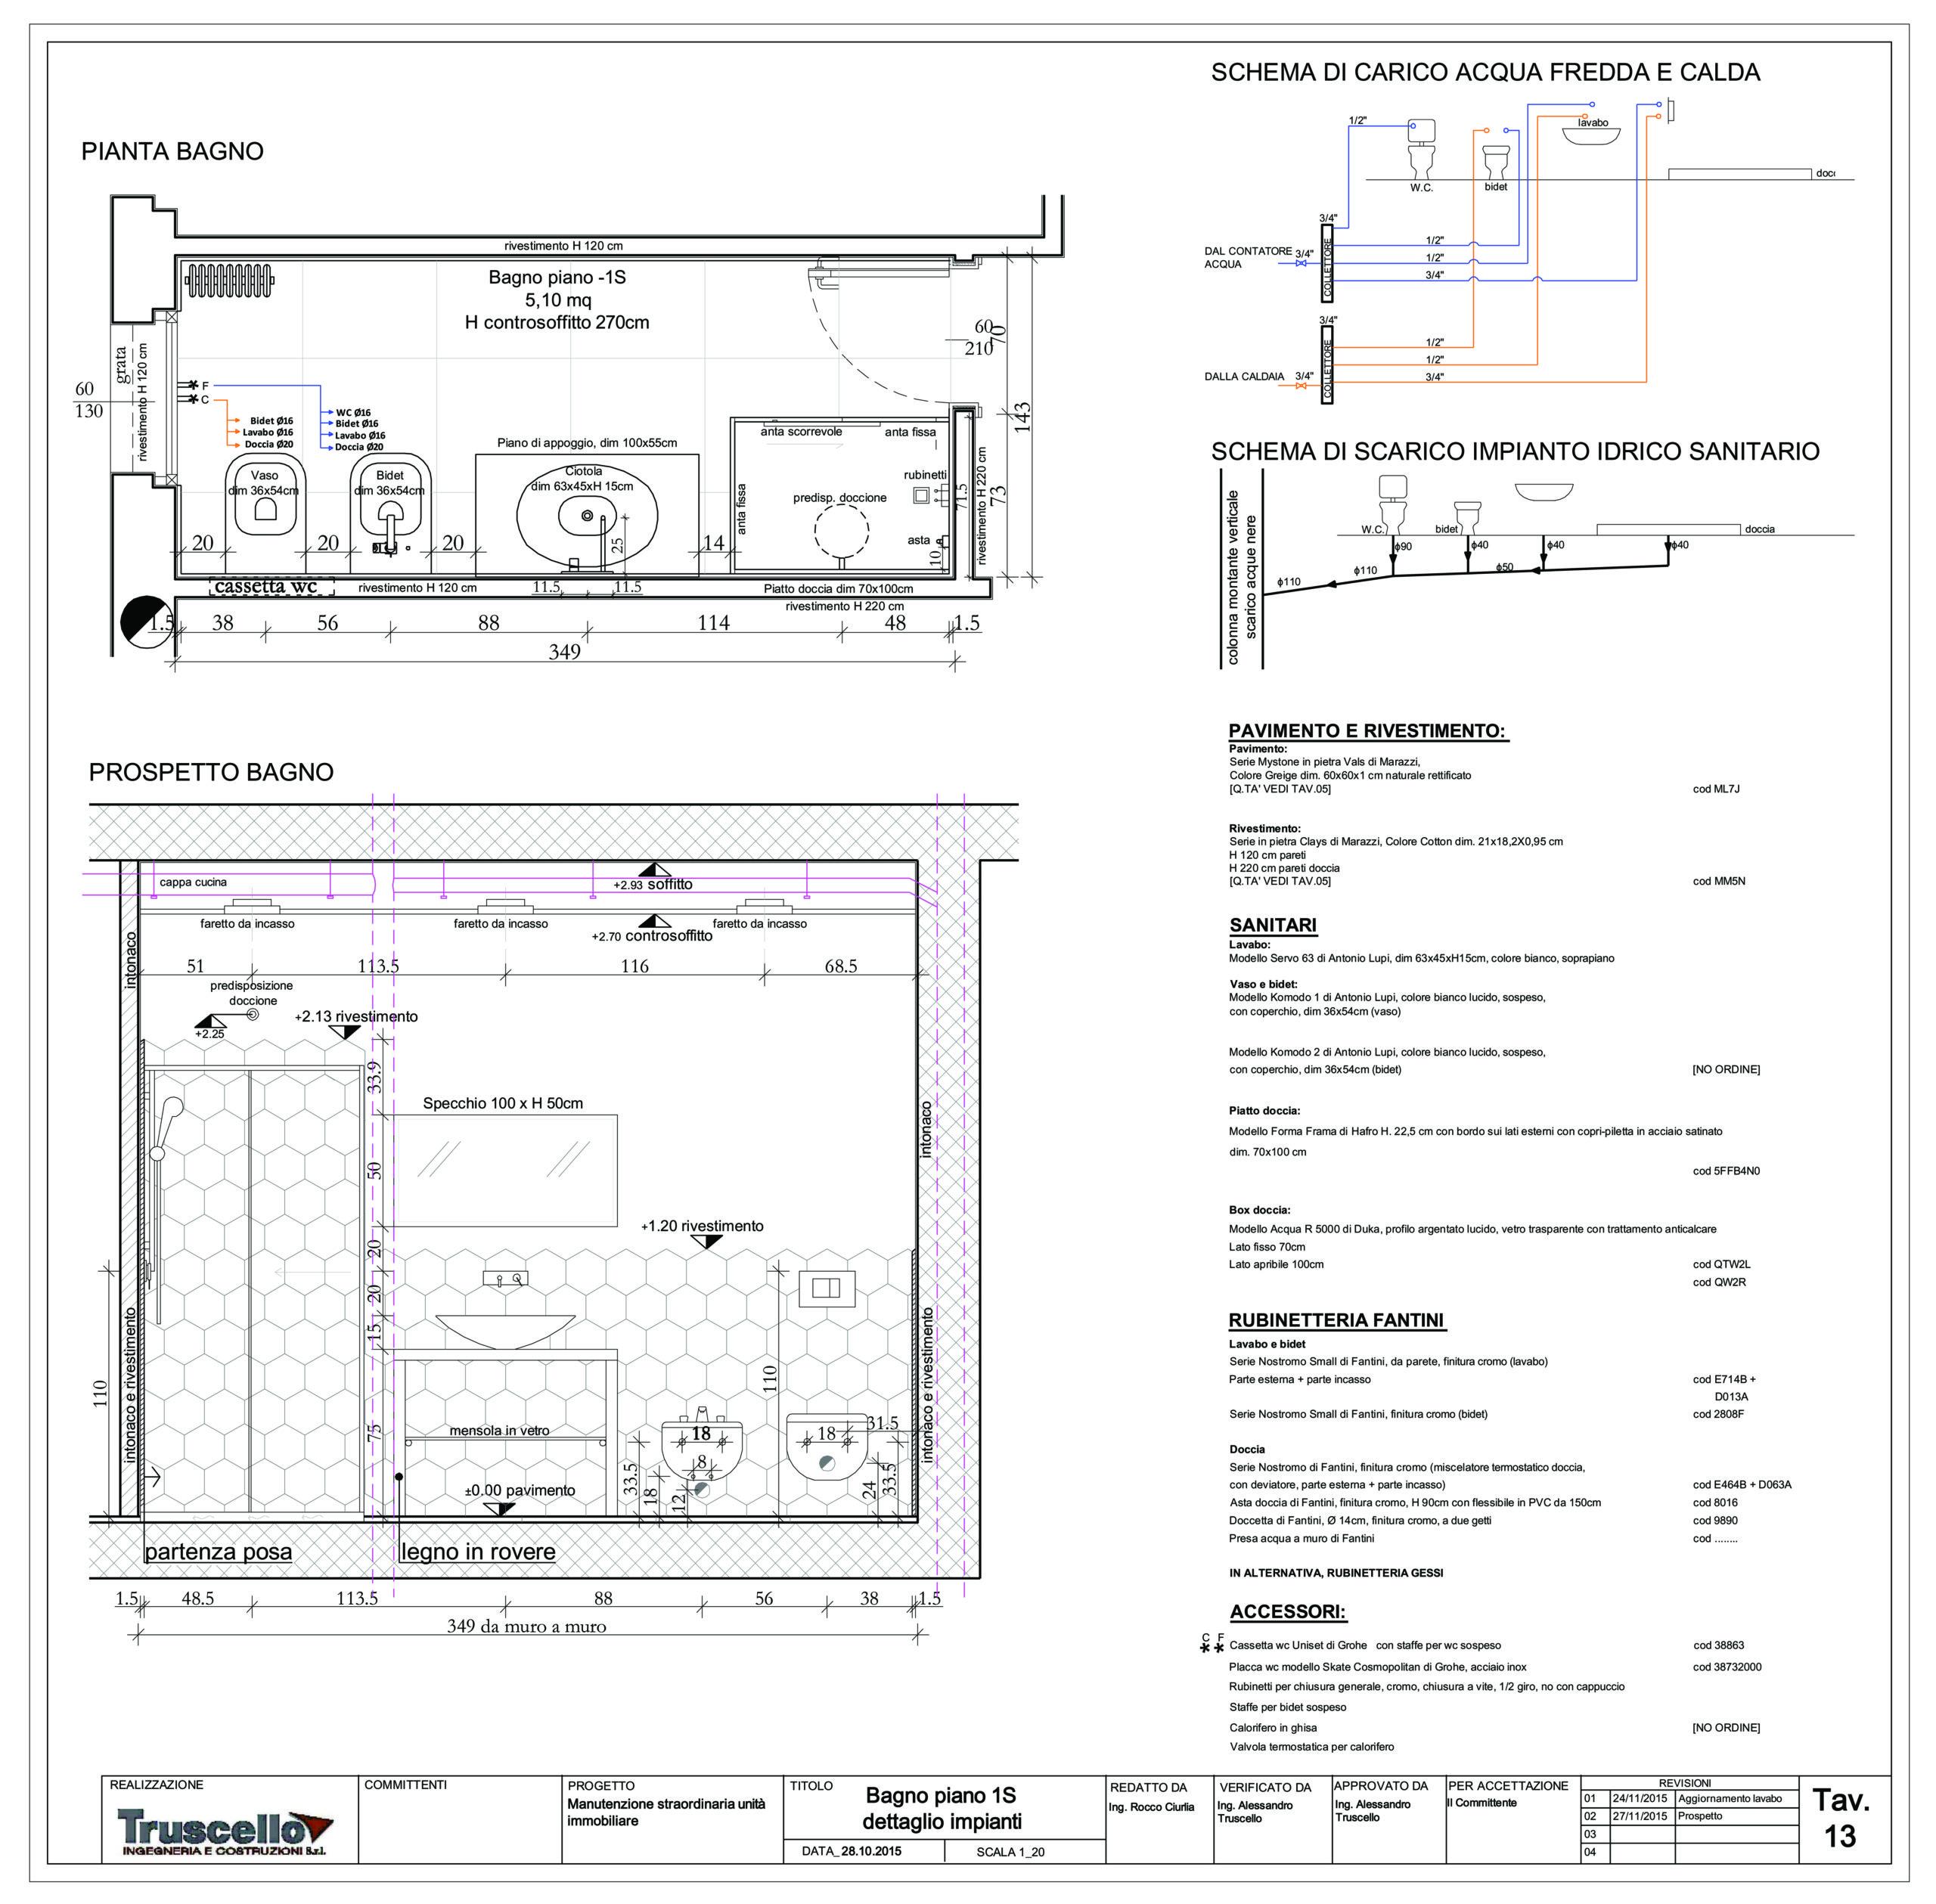 2. Pianta e prospetto interno esecutivi del bagno con schemi di carico e scarico di opere per manutenzione straordinaria di unità immobiliare: stato di progetto.